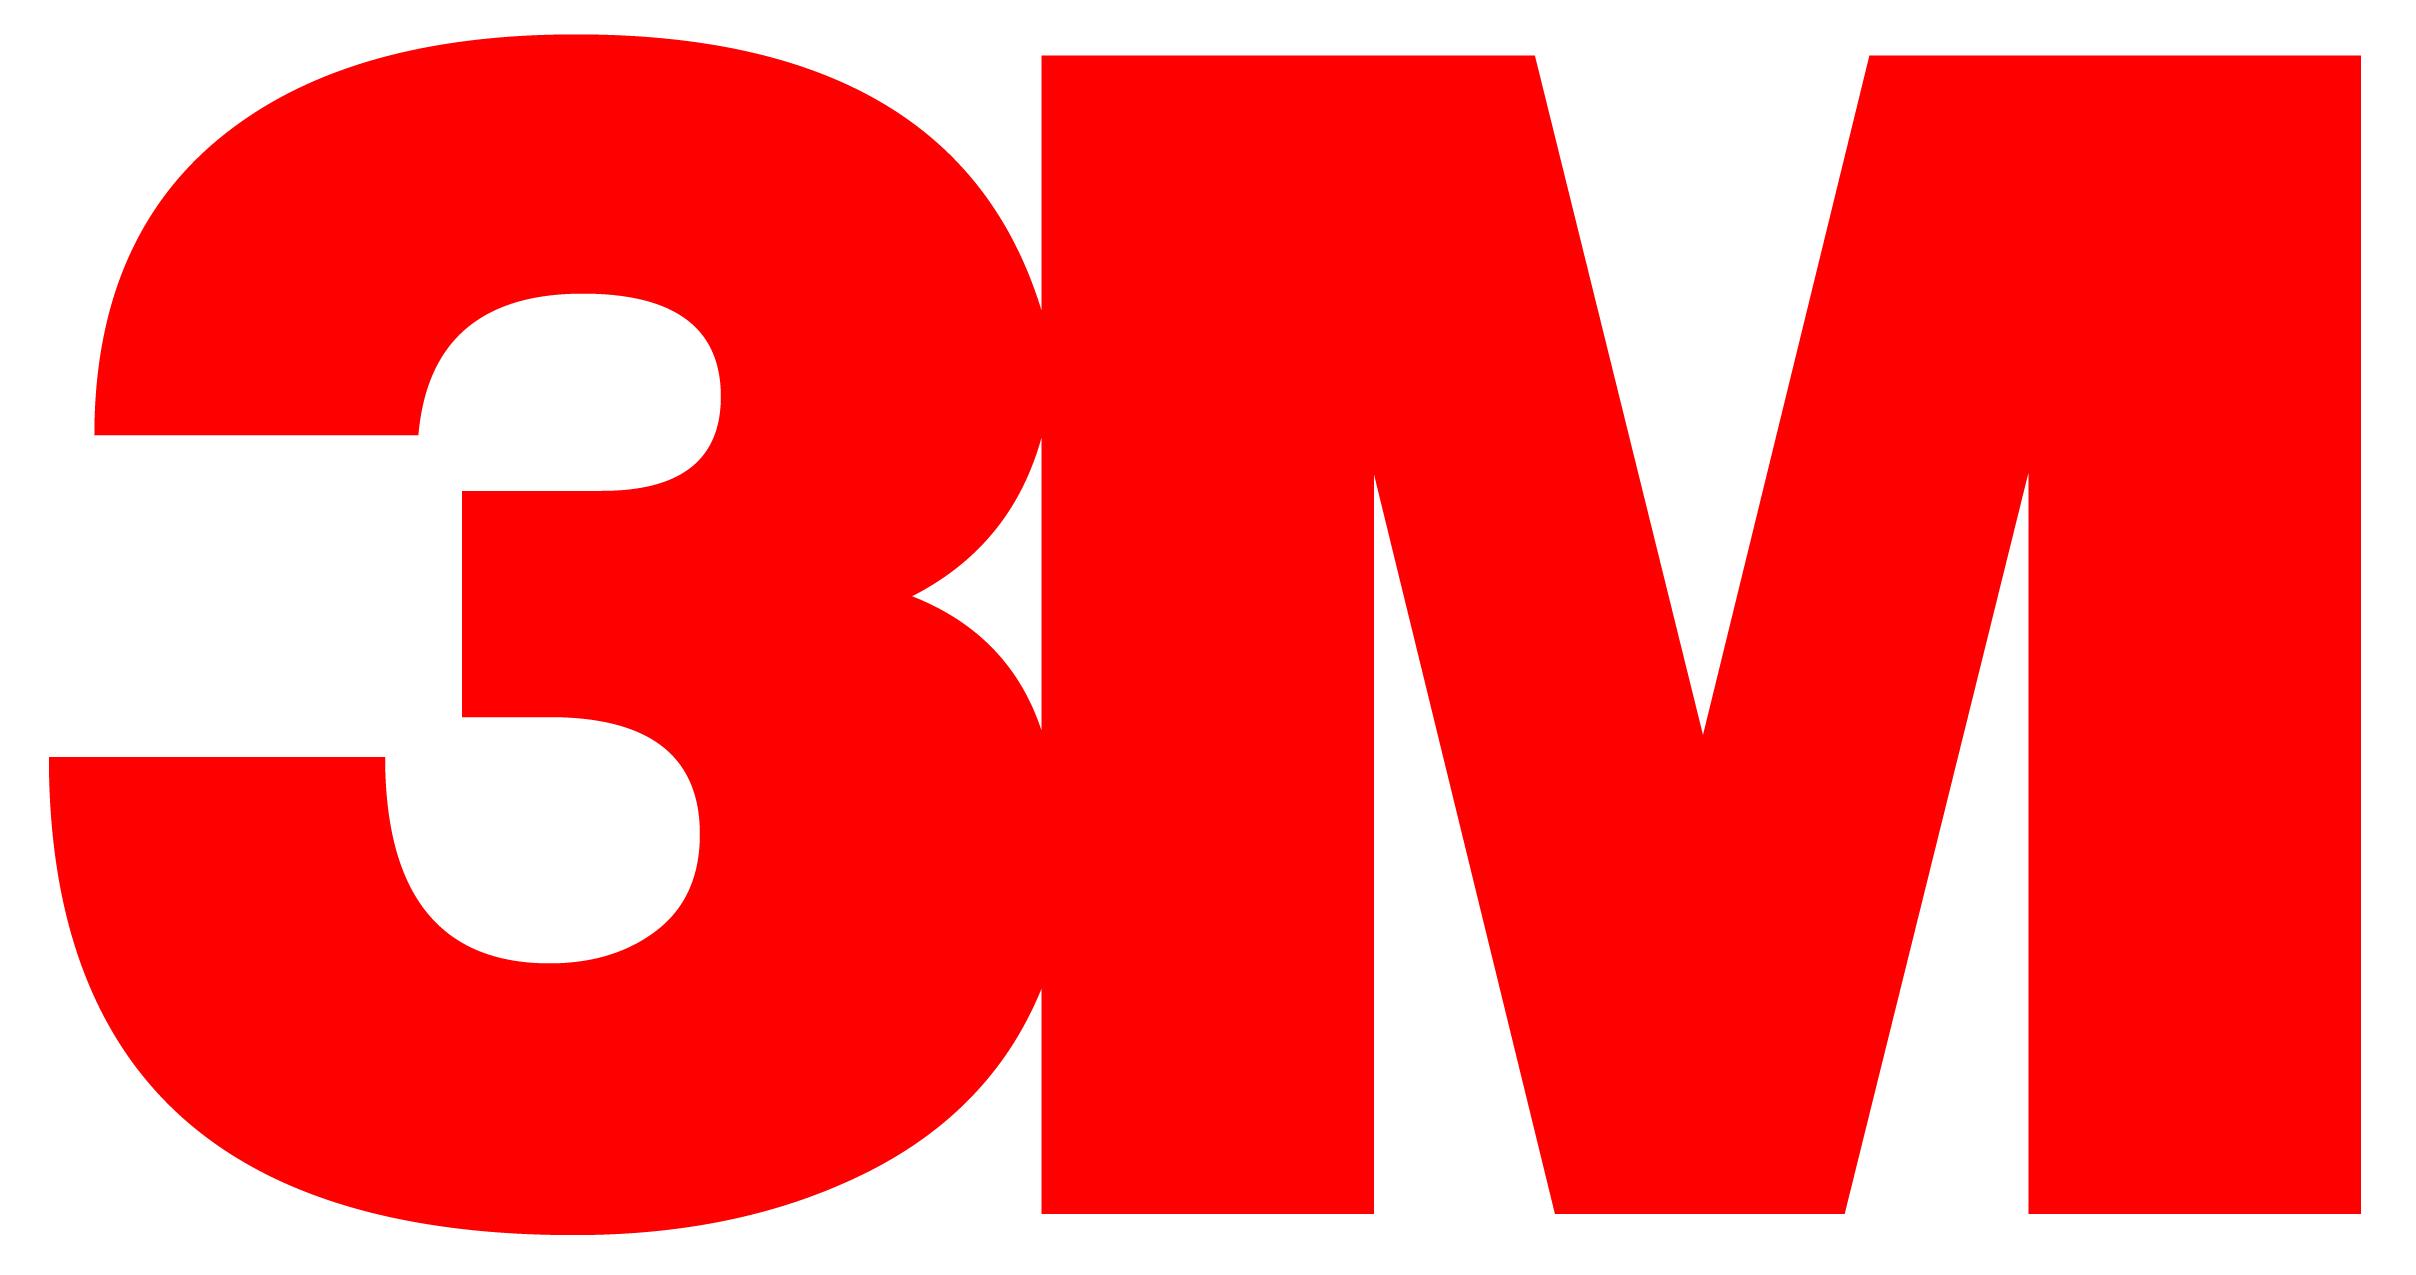 PNGPIX-COM-3M-Logo-PNG-Transparent